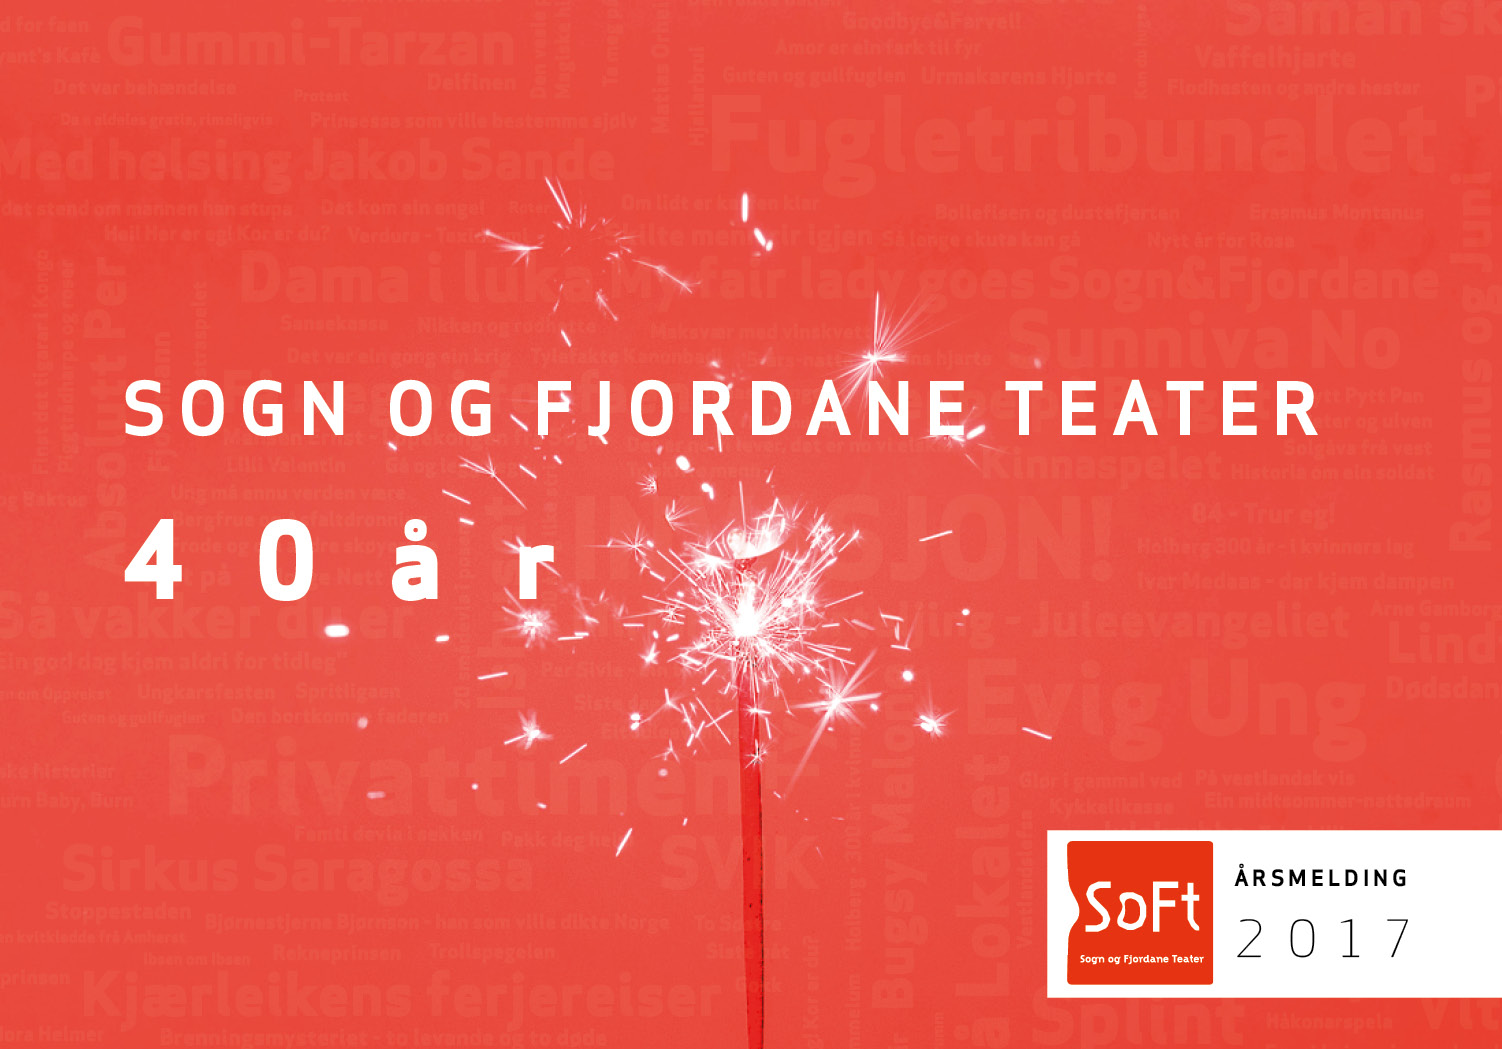 SoFt_Årsmelding2017_issuu_framside.jpg